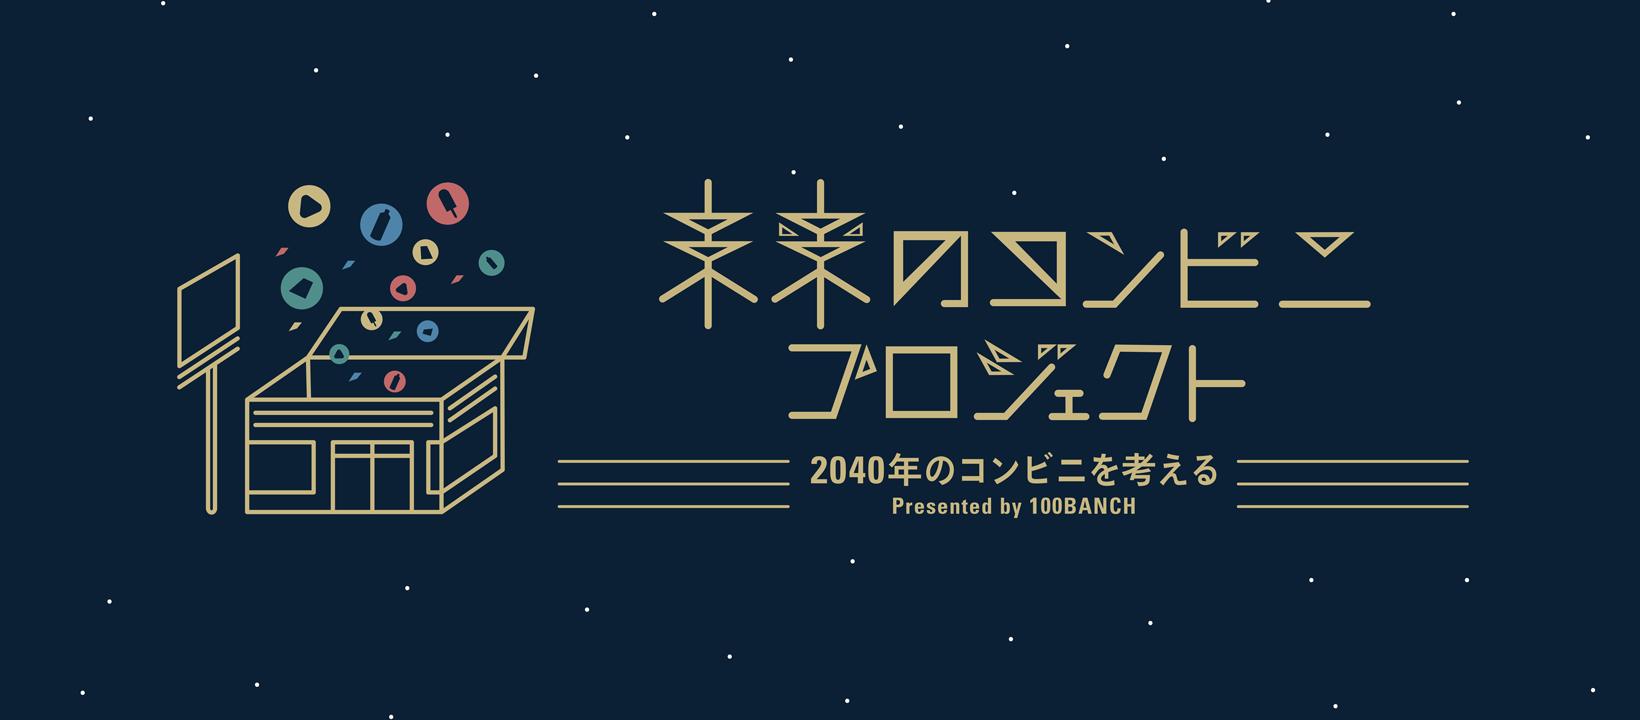 企画|未来のコンビニプロジェクト [ 100BANCH ]